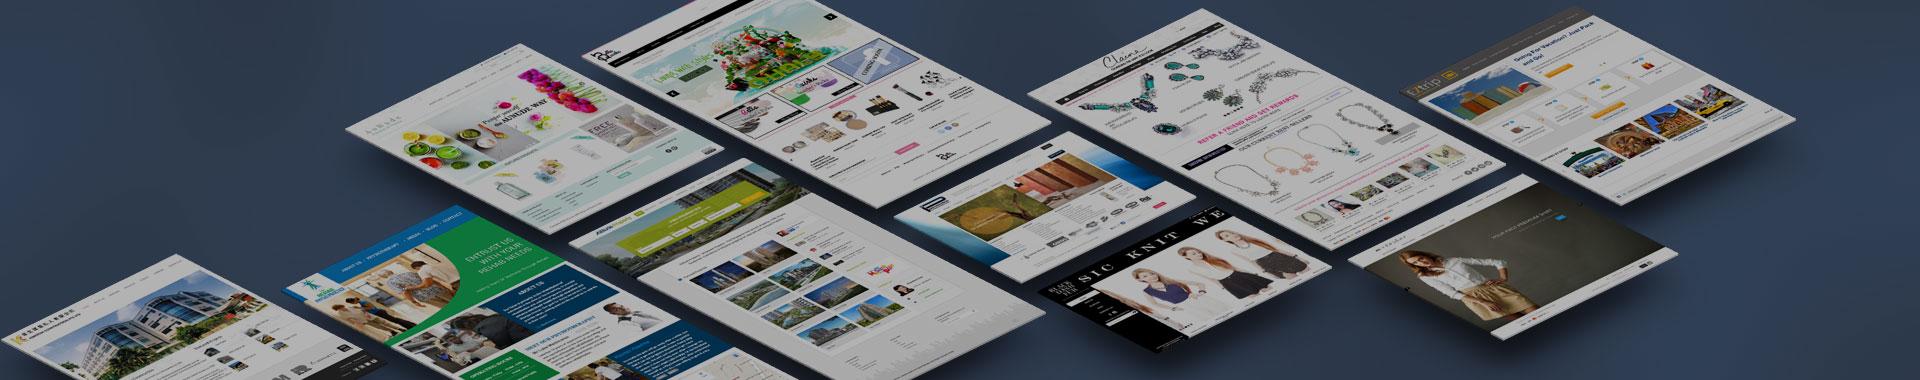 Website Design Singapore - DFI Engineering